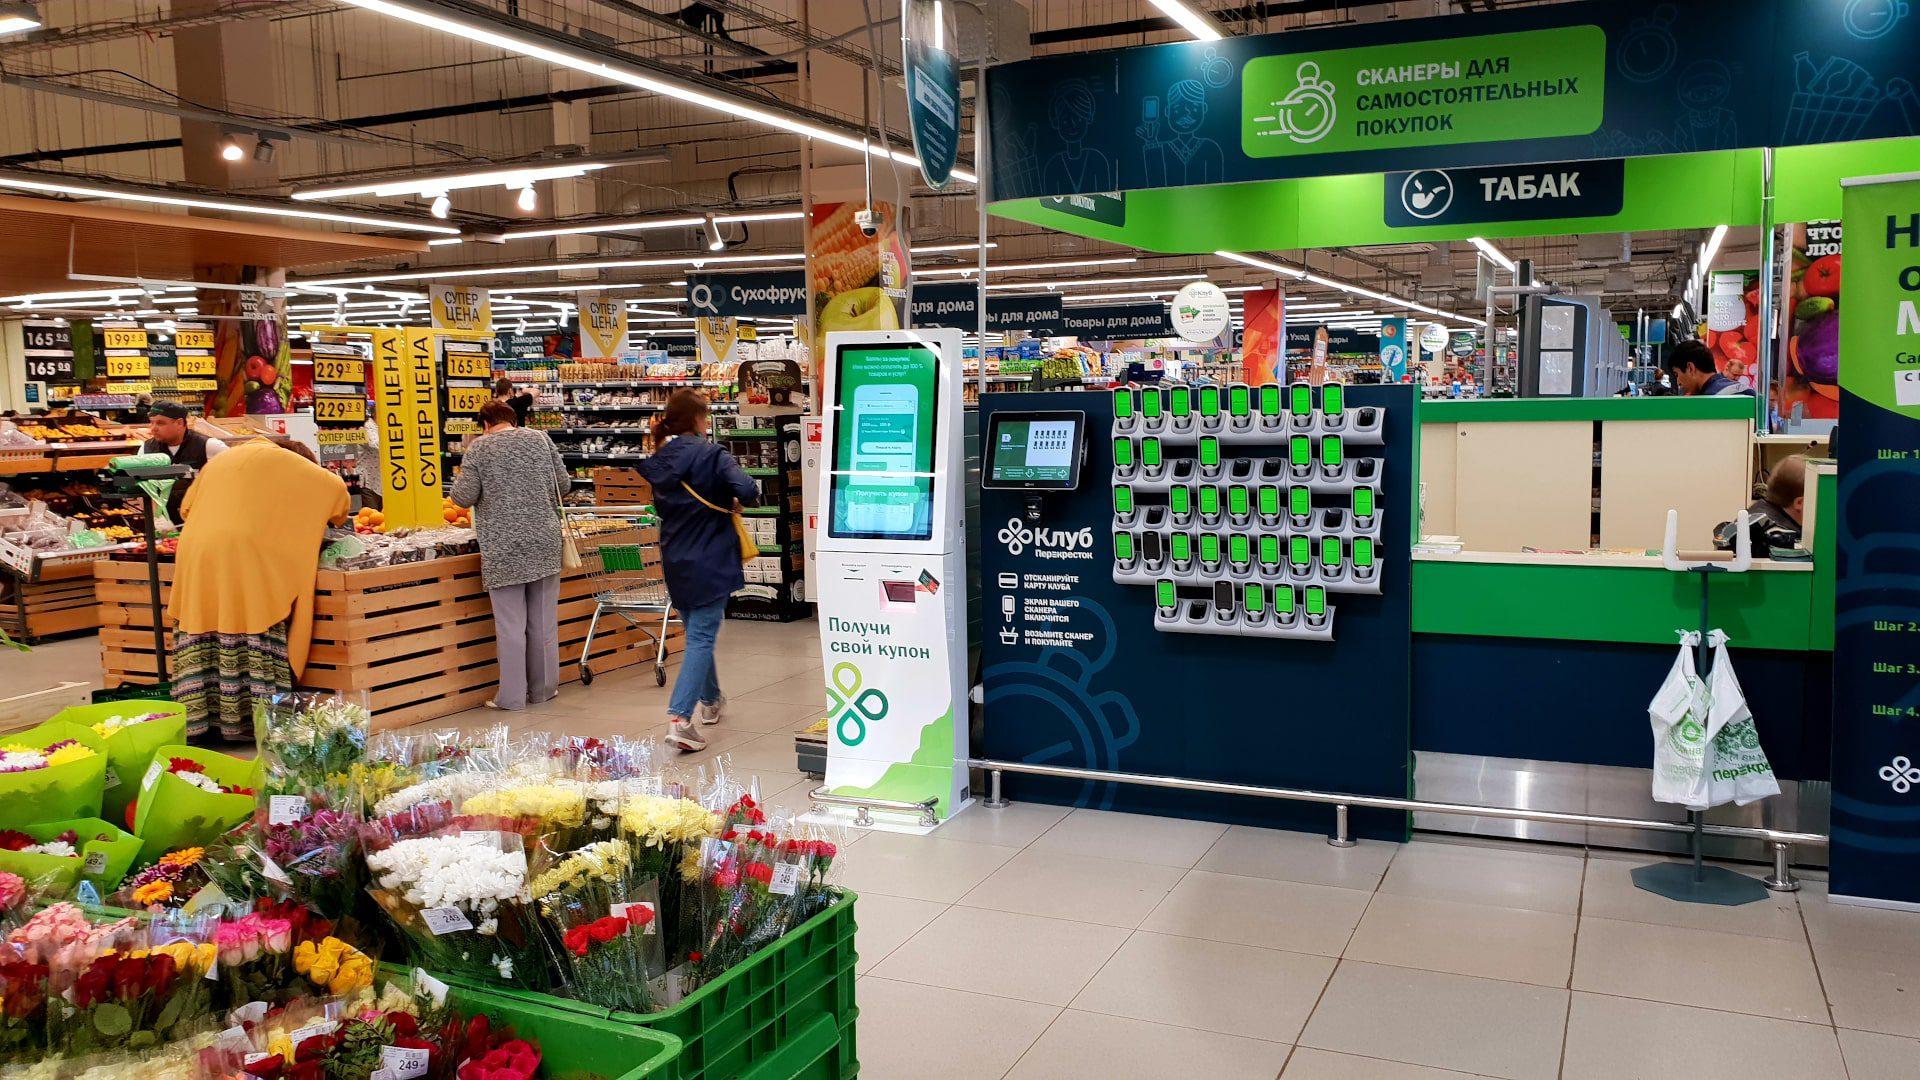 Сенсорные терминалы лояльности в магазинах Перекресток для взаимодействия с покупателями